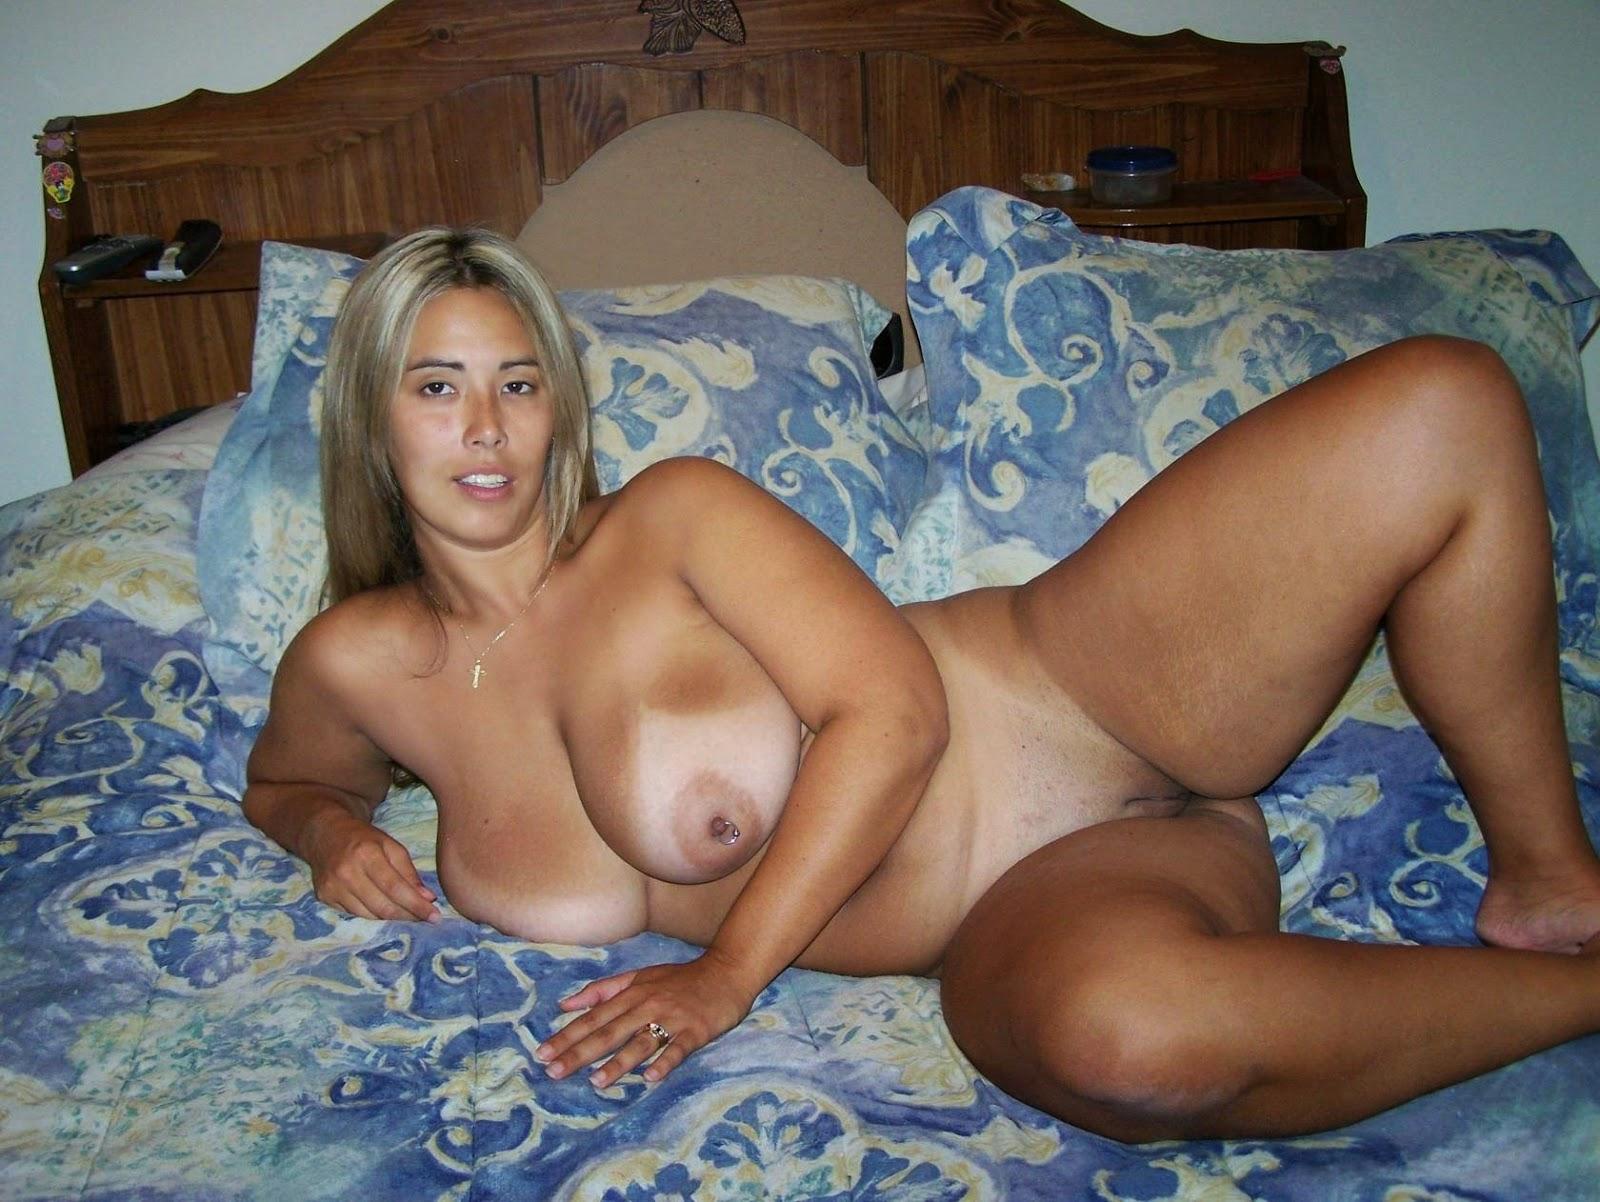 Тети в теле голые, Голые зрелые женщины на фото - раздетые взрослые бабы 1 фотография